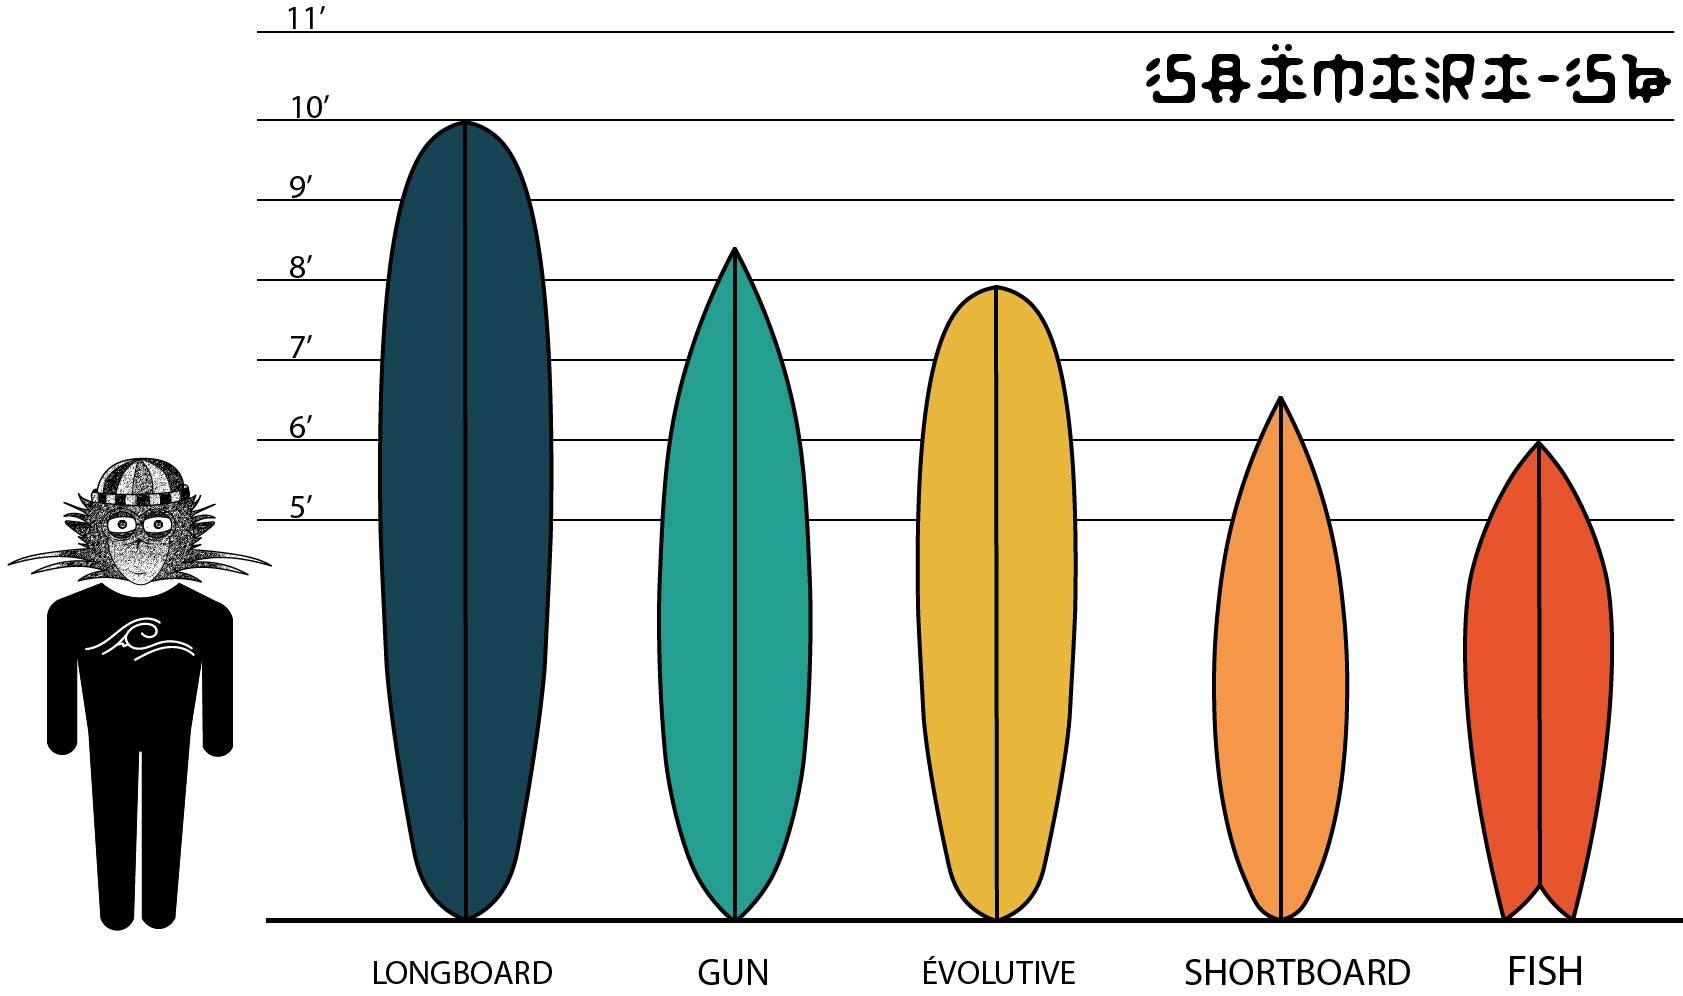 Une image montrant les différents shapes de surf tels que : le longboard, le gun, l'évolutive, la shortboard et le fish. Il y a également le logo de la marque Saïmiri-SB avec une vague et la montagne. Il y a également une mesure en pied afin de voir quelle taille font les planches de surf en fonction de quel shape.